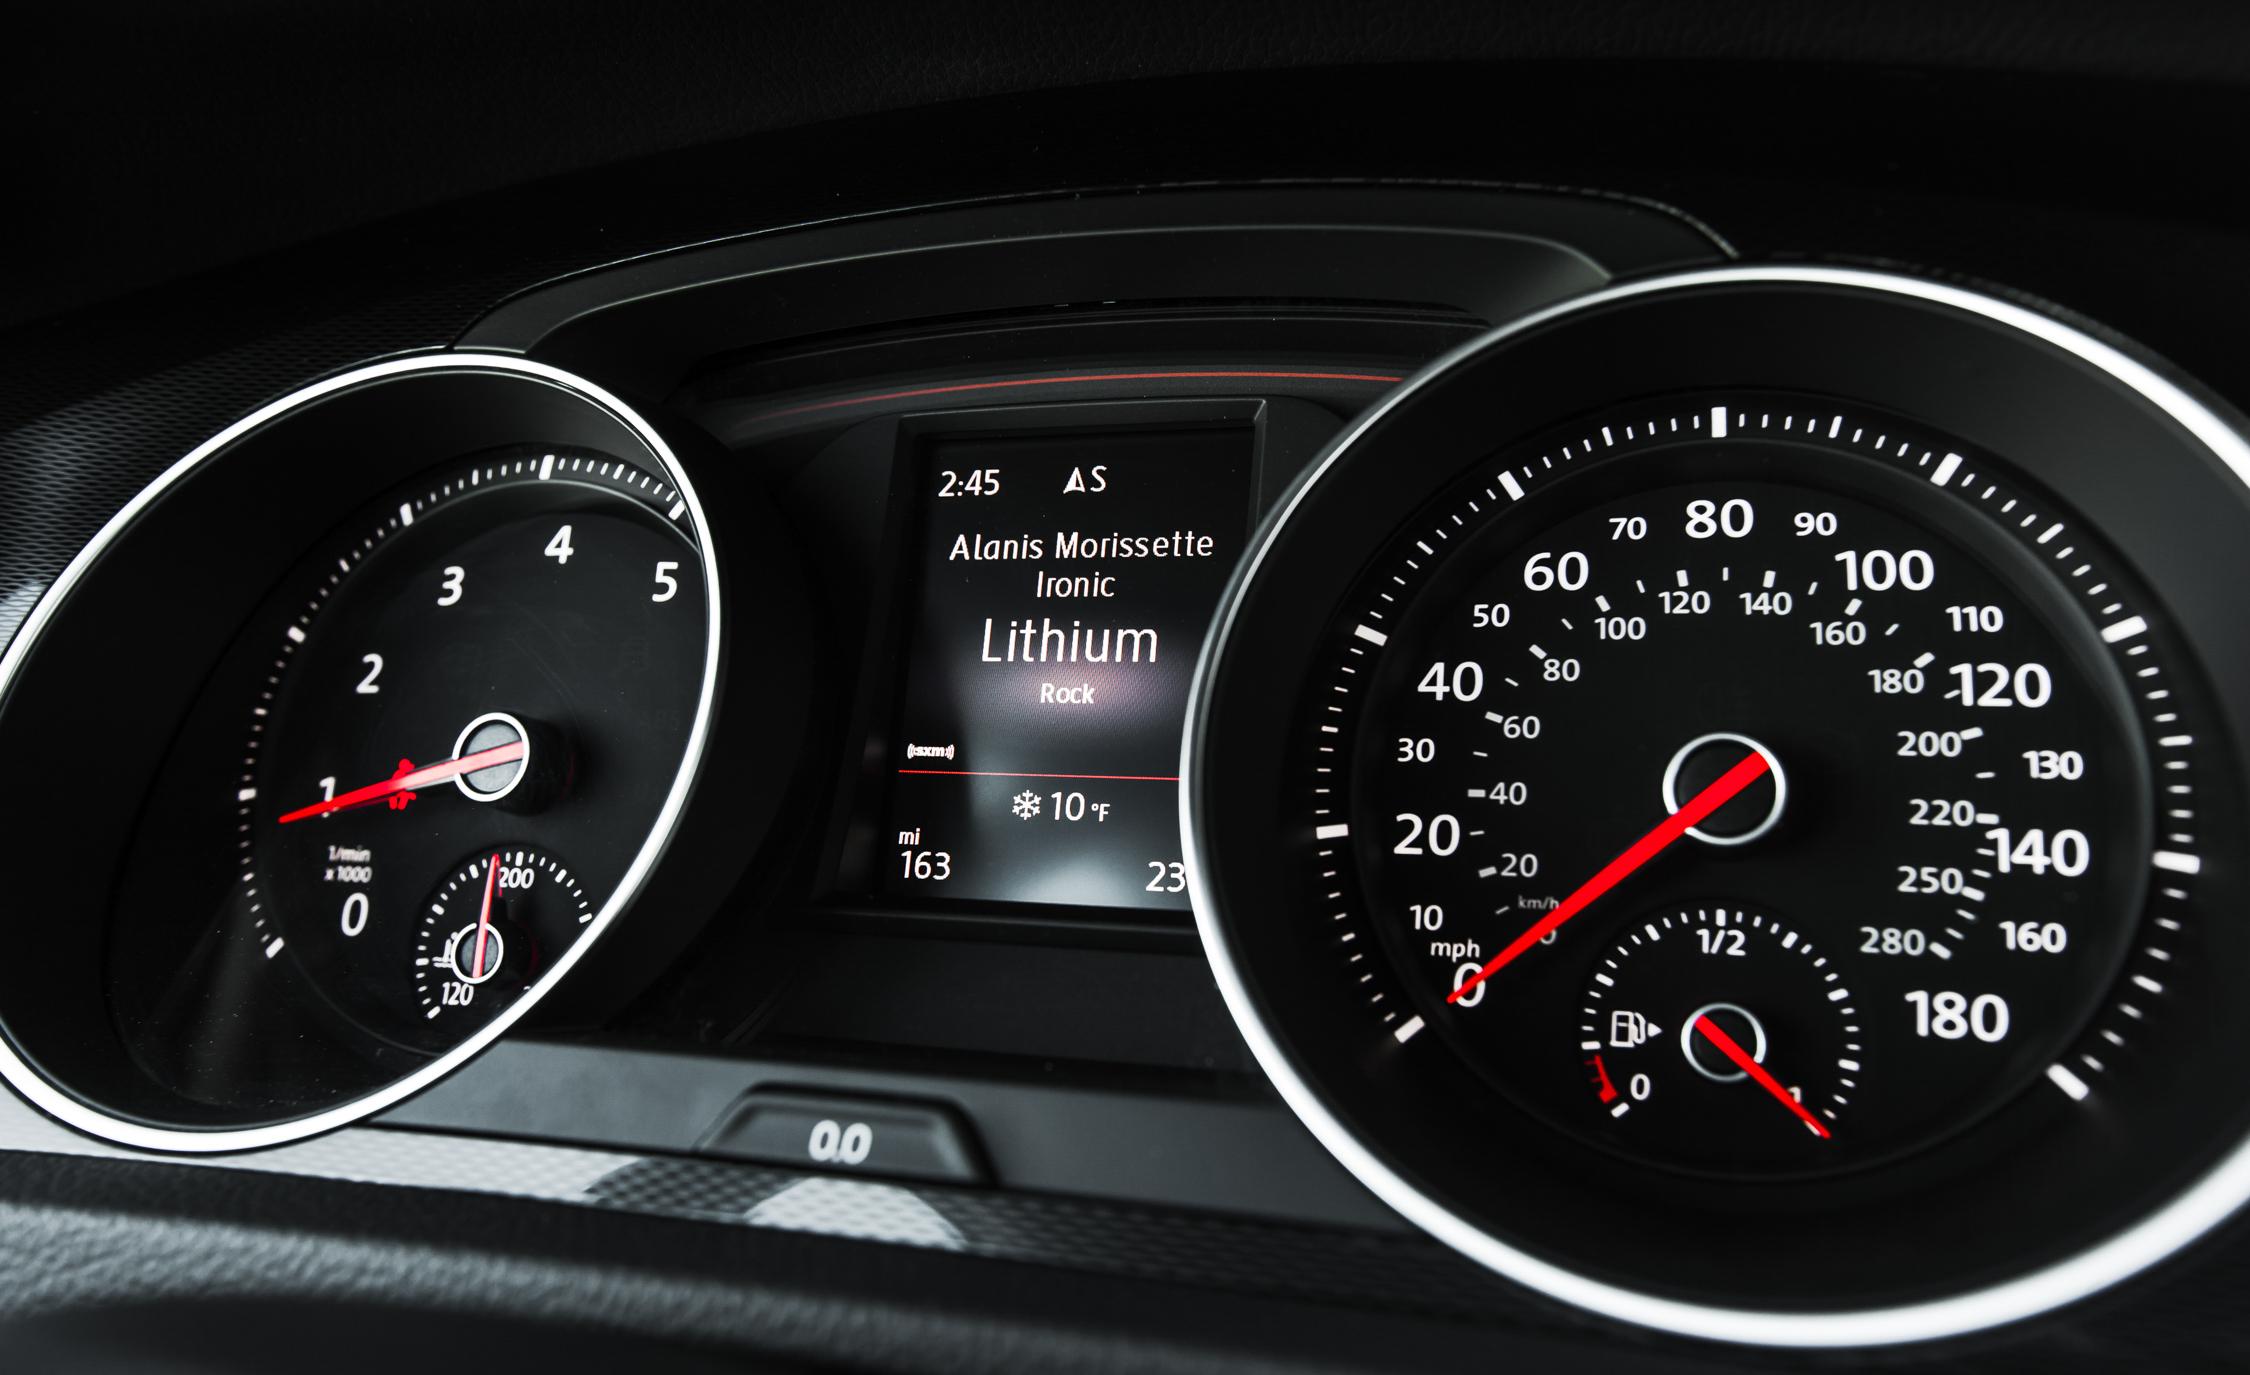 2015 Volkswagen GTI Interior Speedometer